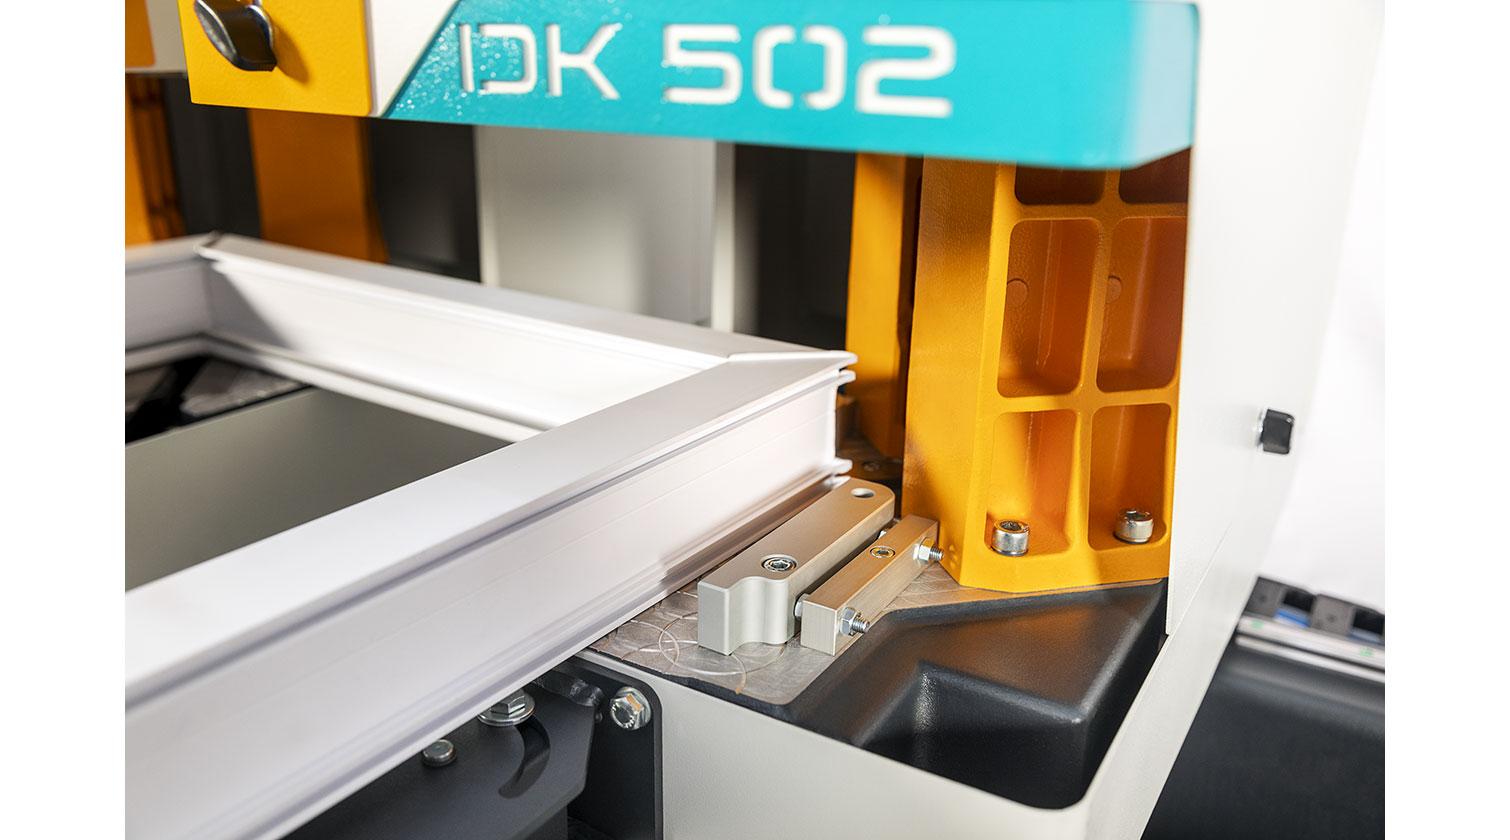 INT pvc windows two point welder Yilmaz DK 502 corner detail